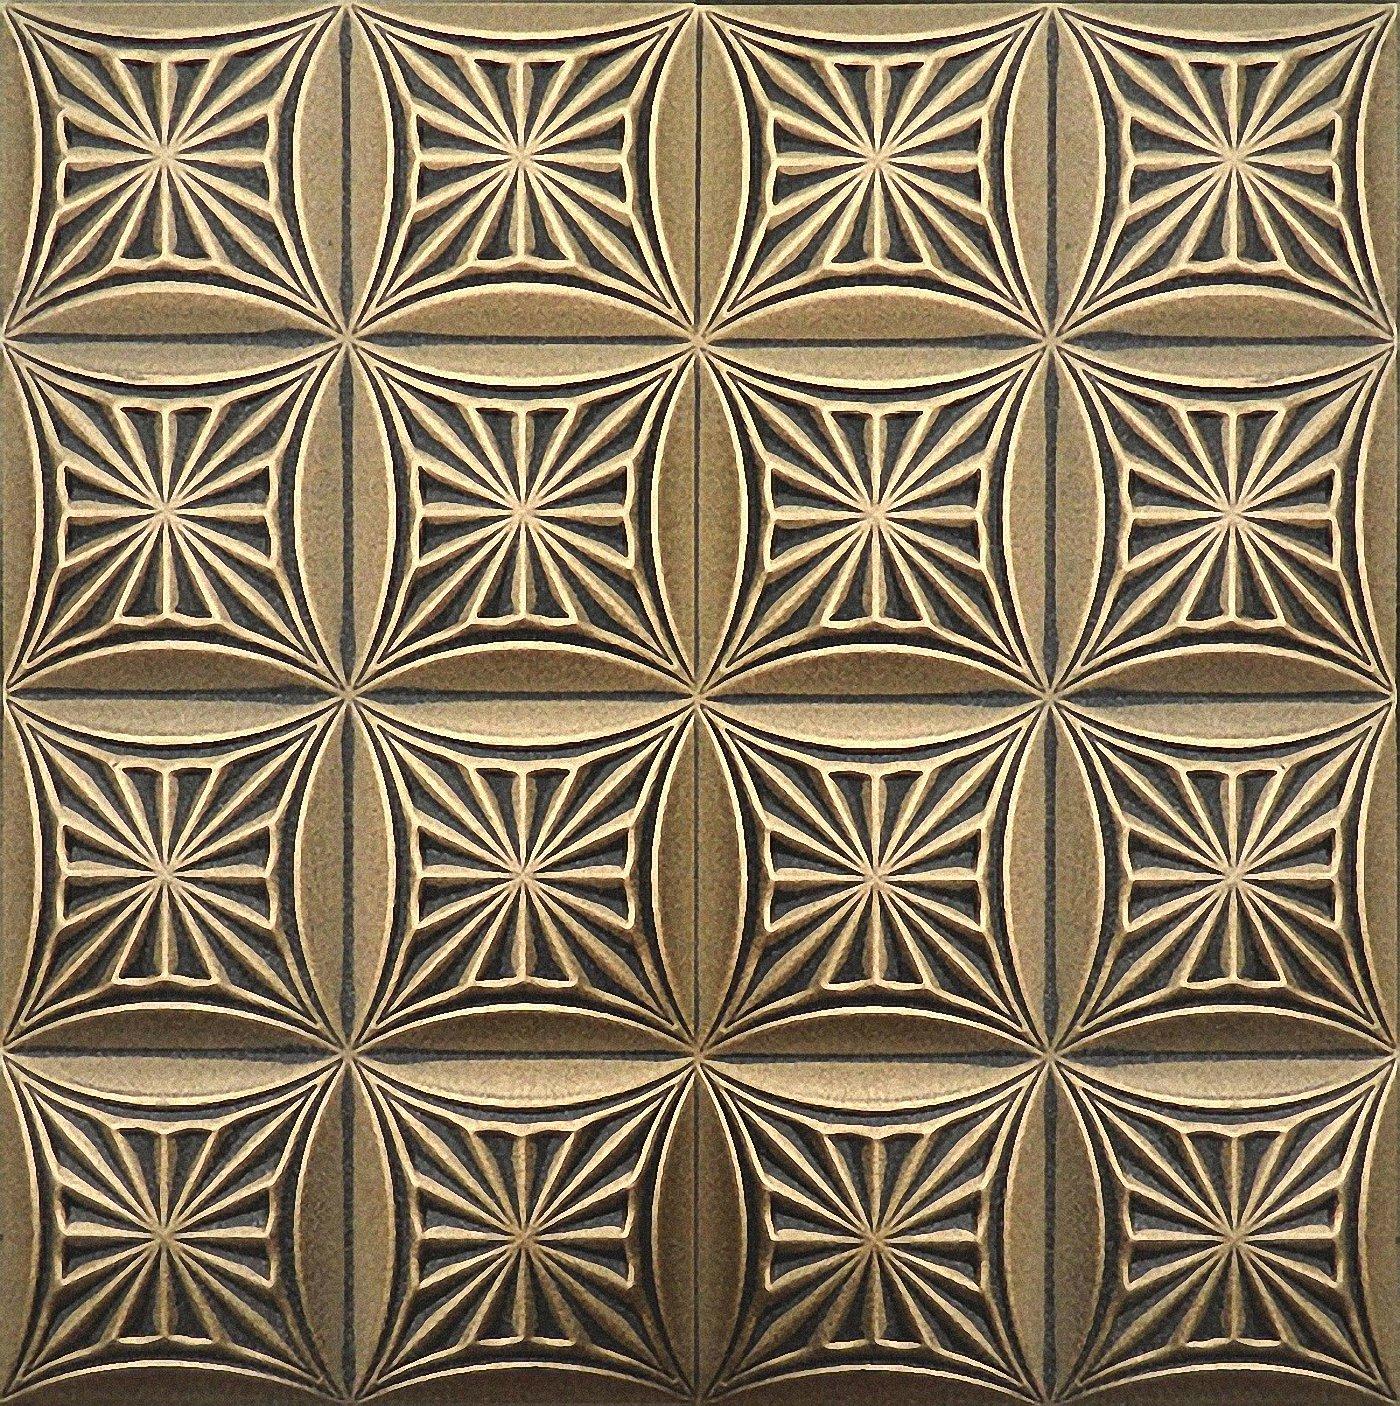 Pintado a mano espuma de poliestireno de techo Tiles Retro 81 negro –  oro, 500 x 500 mm Euro